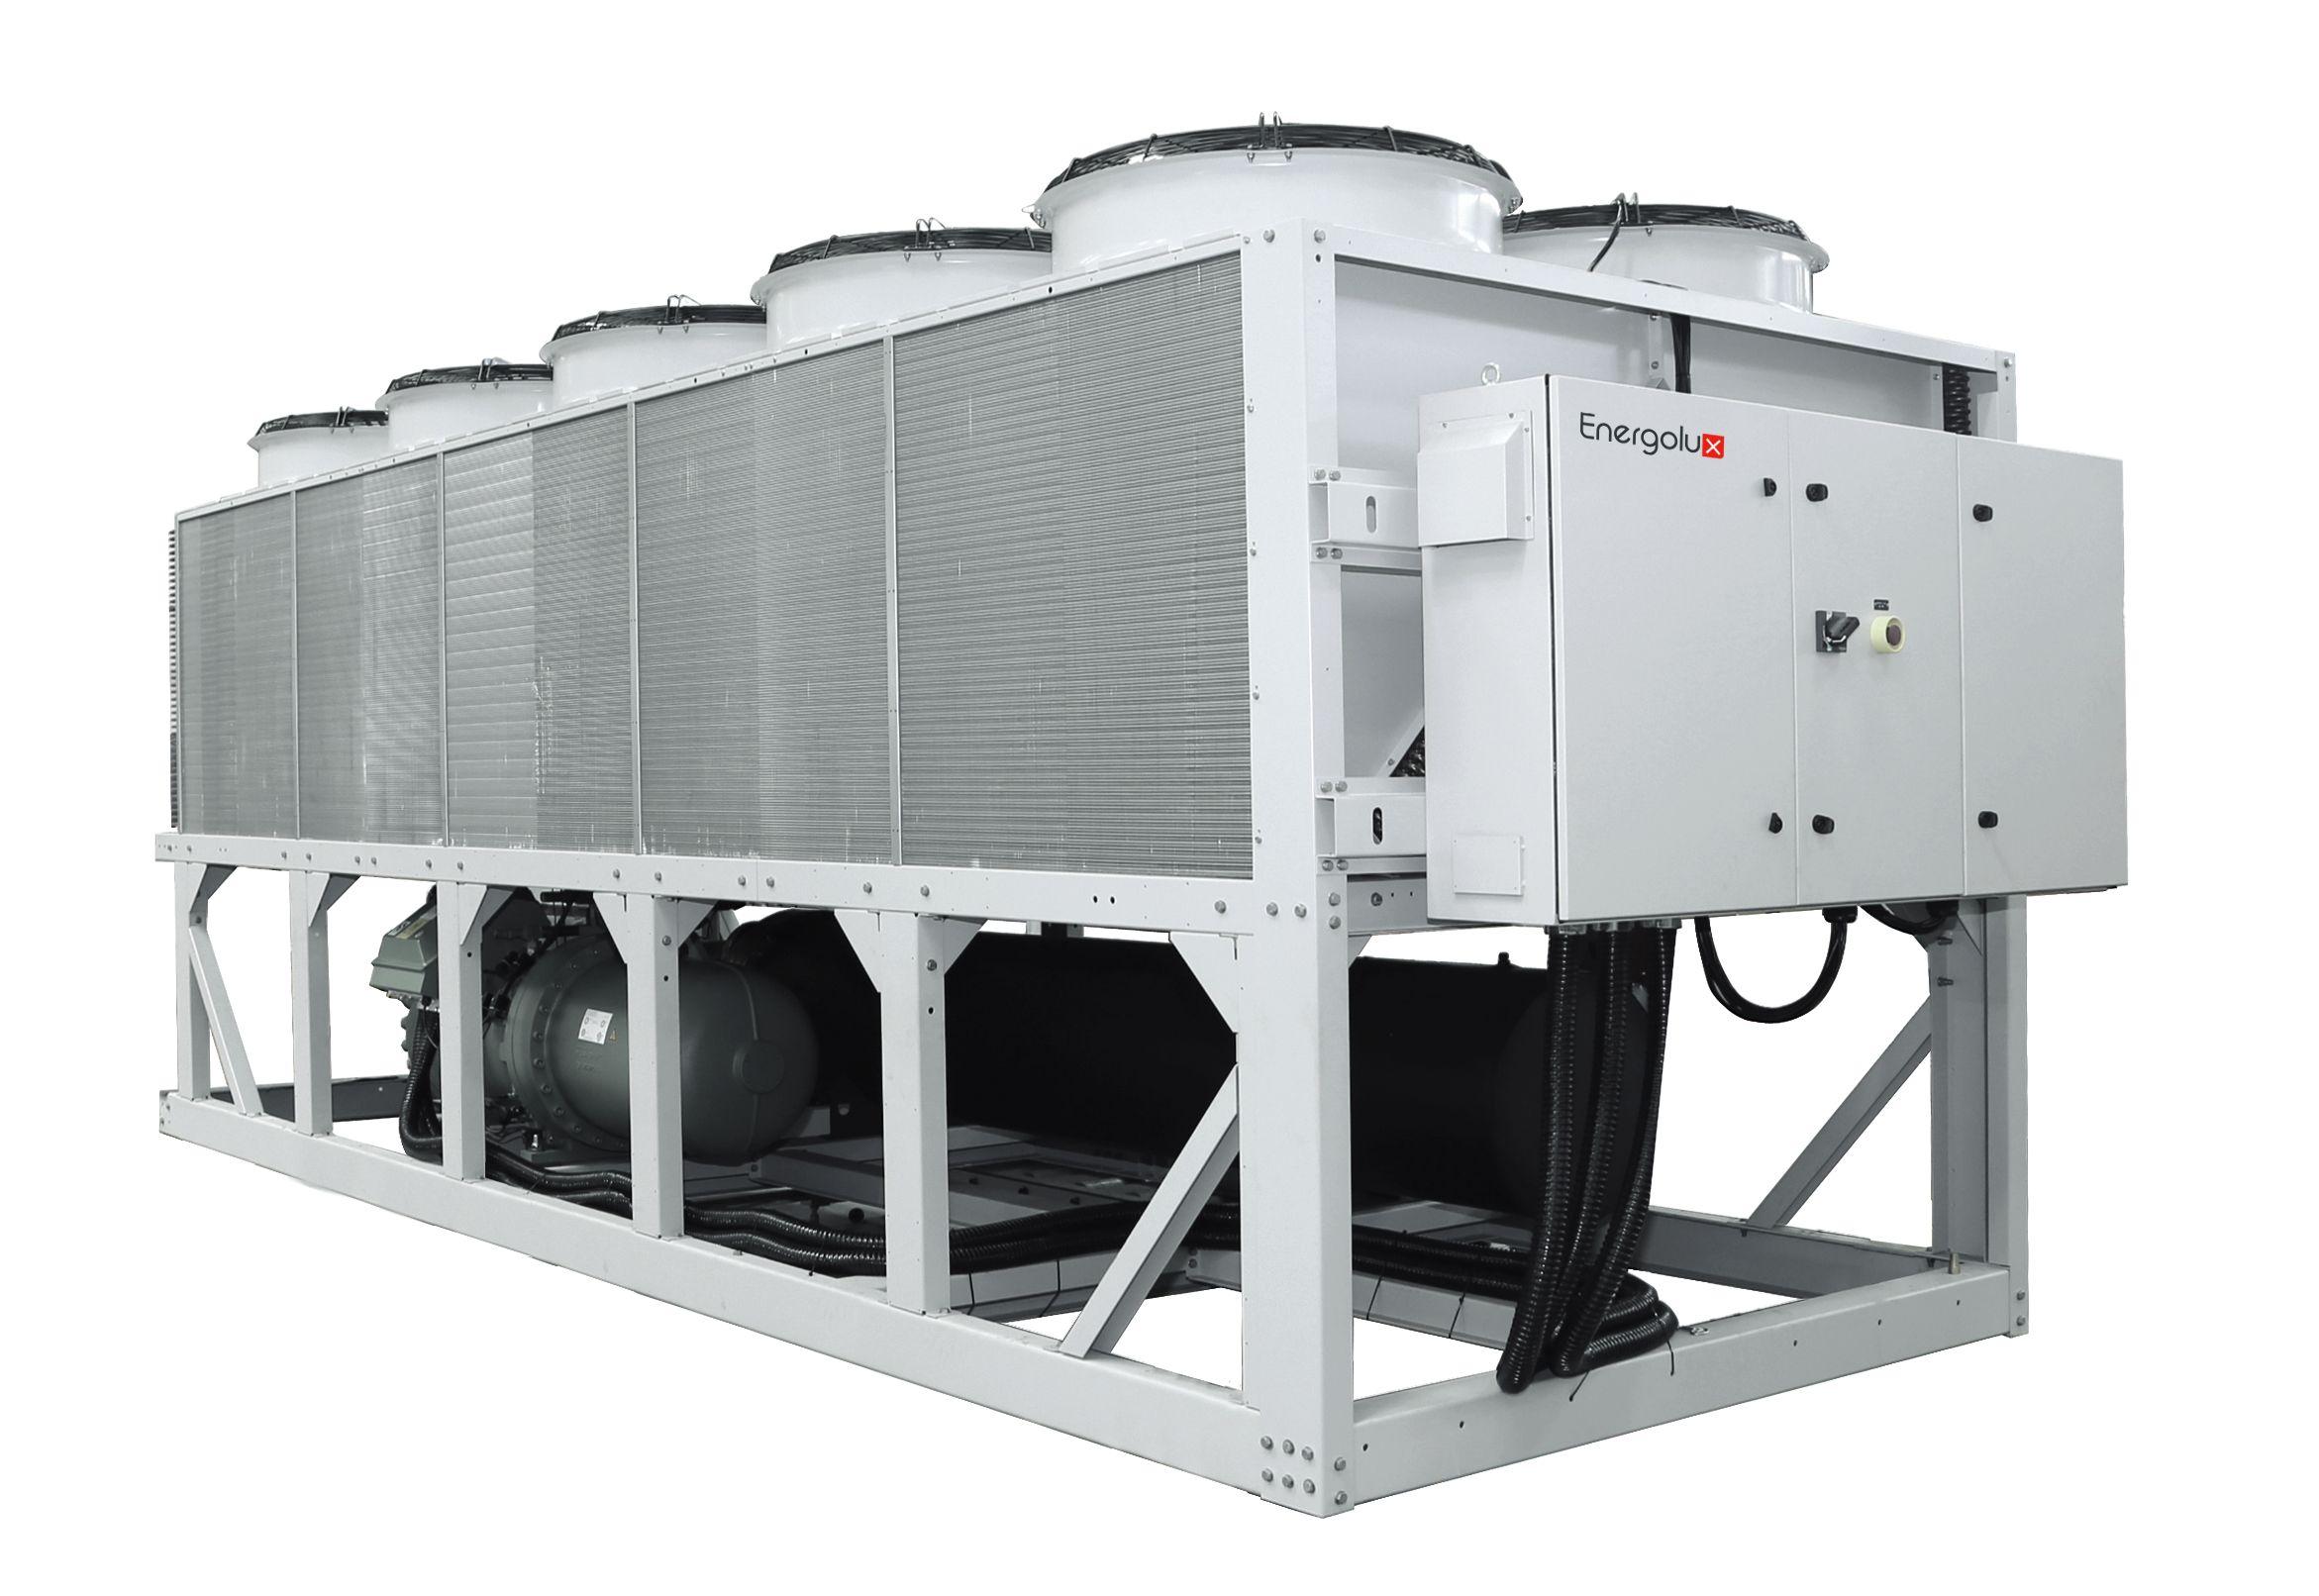 Energolux SCAW-T 2300 V